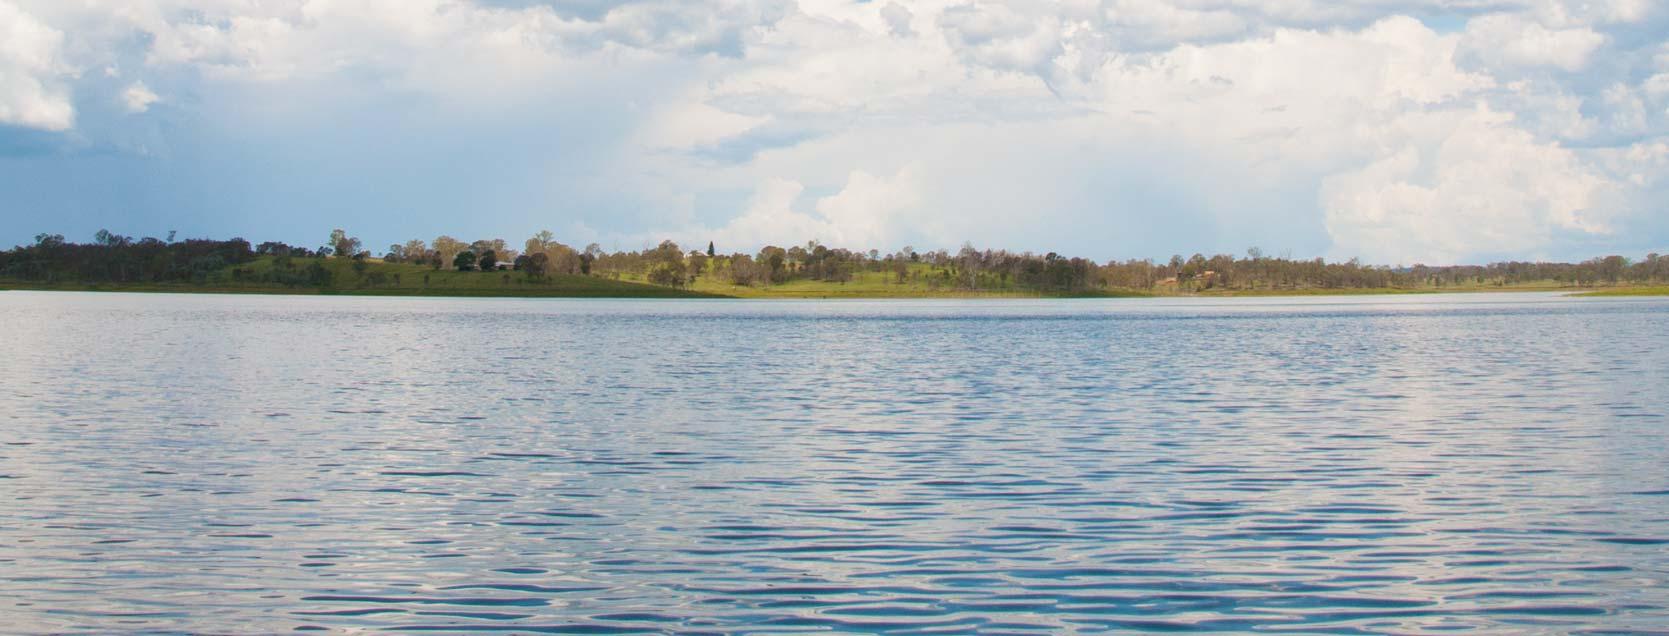 Freshwater fishing the Fraser Coast